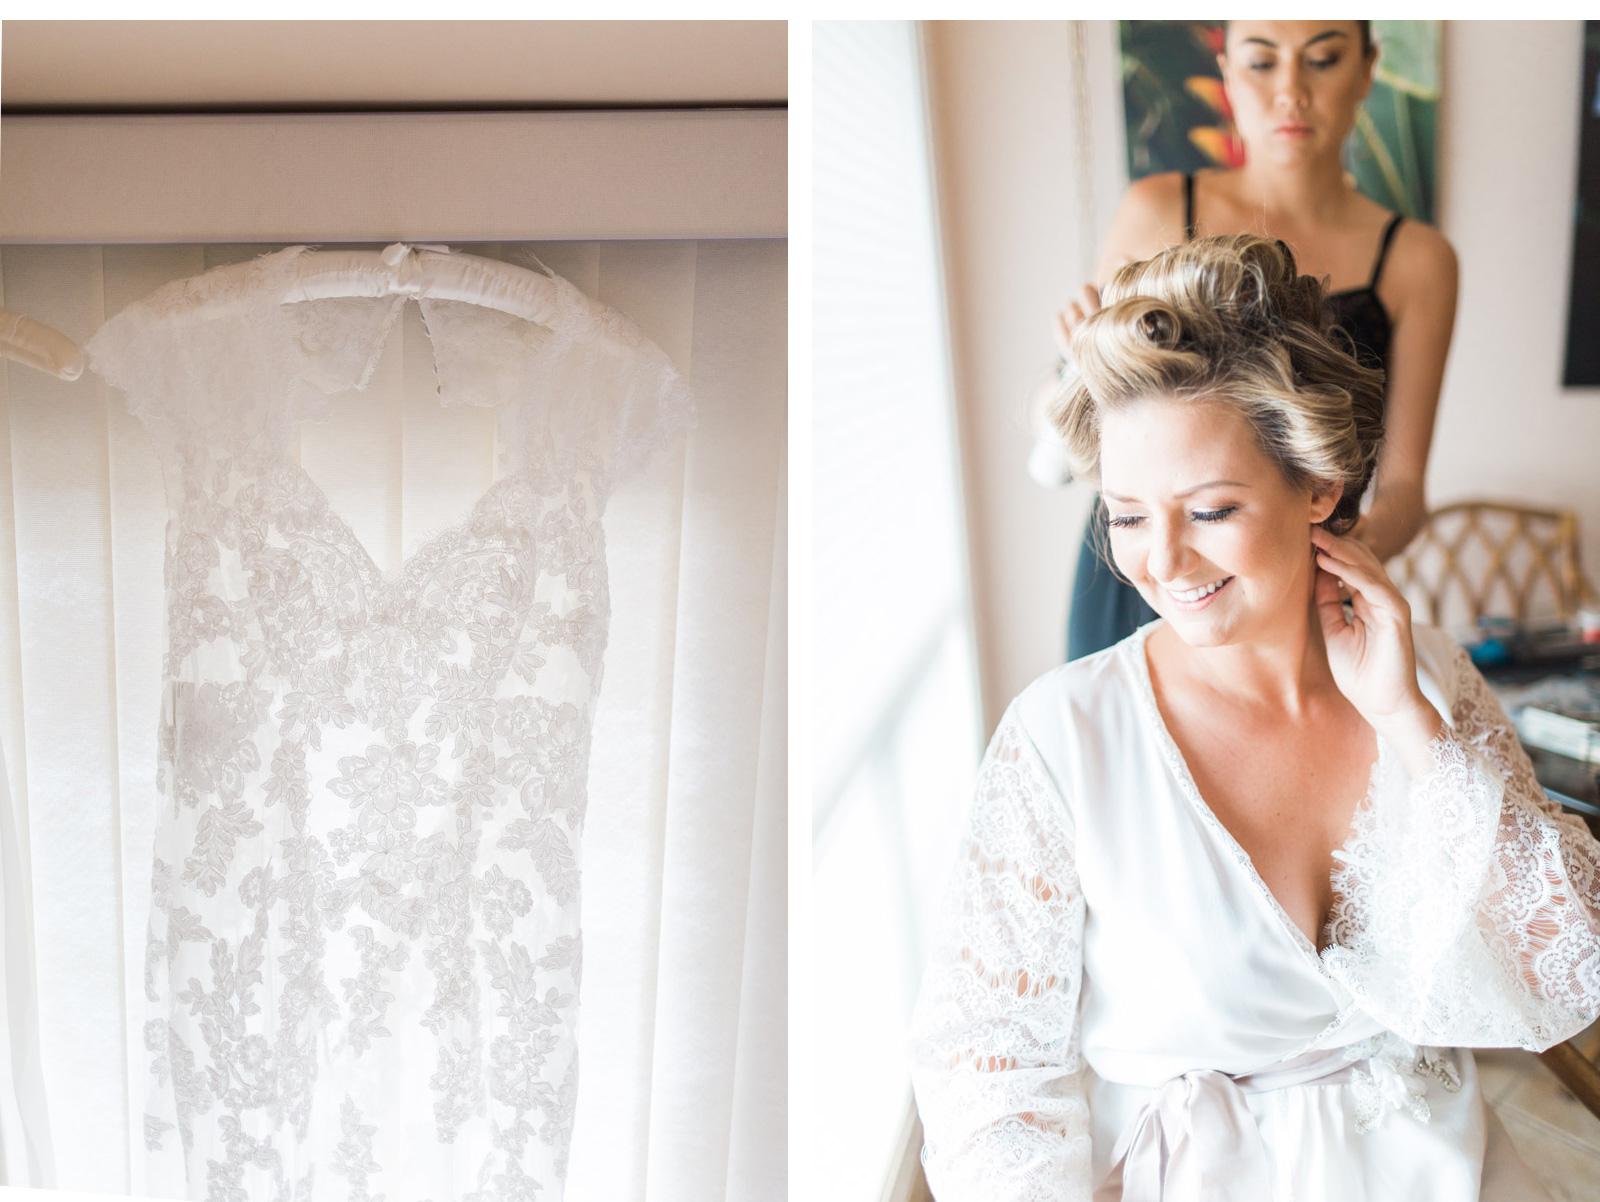 Natalie-Schutt-Photography--Hawaii-Wedding-Photographer_05.jpg